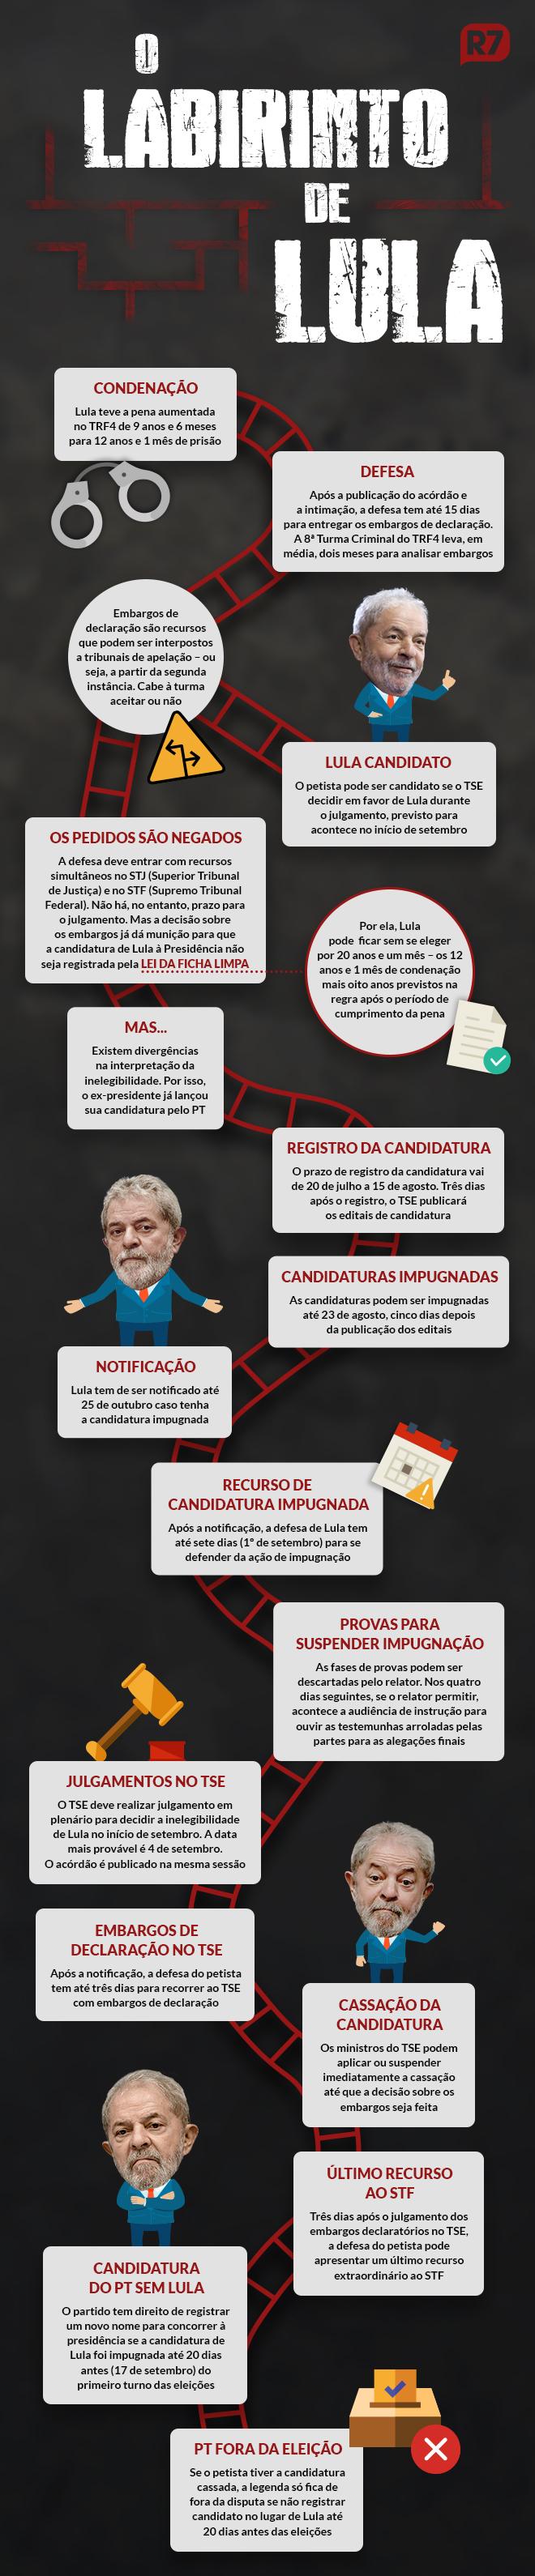 https://www.r7.com/r7/media/2018/20180202_O-labirinto-de-Lula/20180202_O-labirinto-de-Lula.jpg